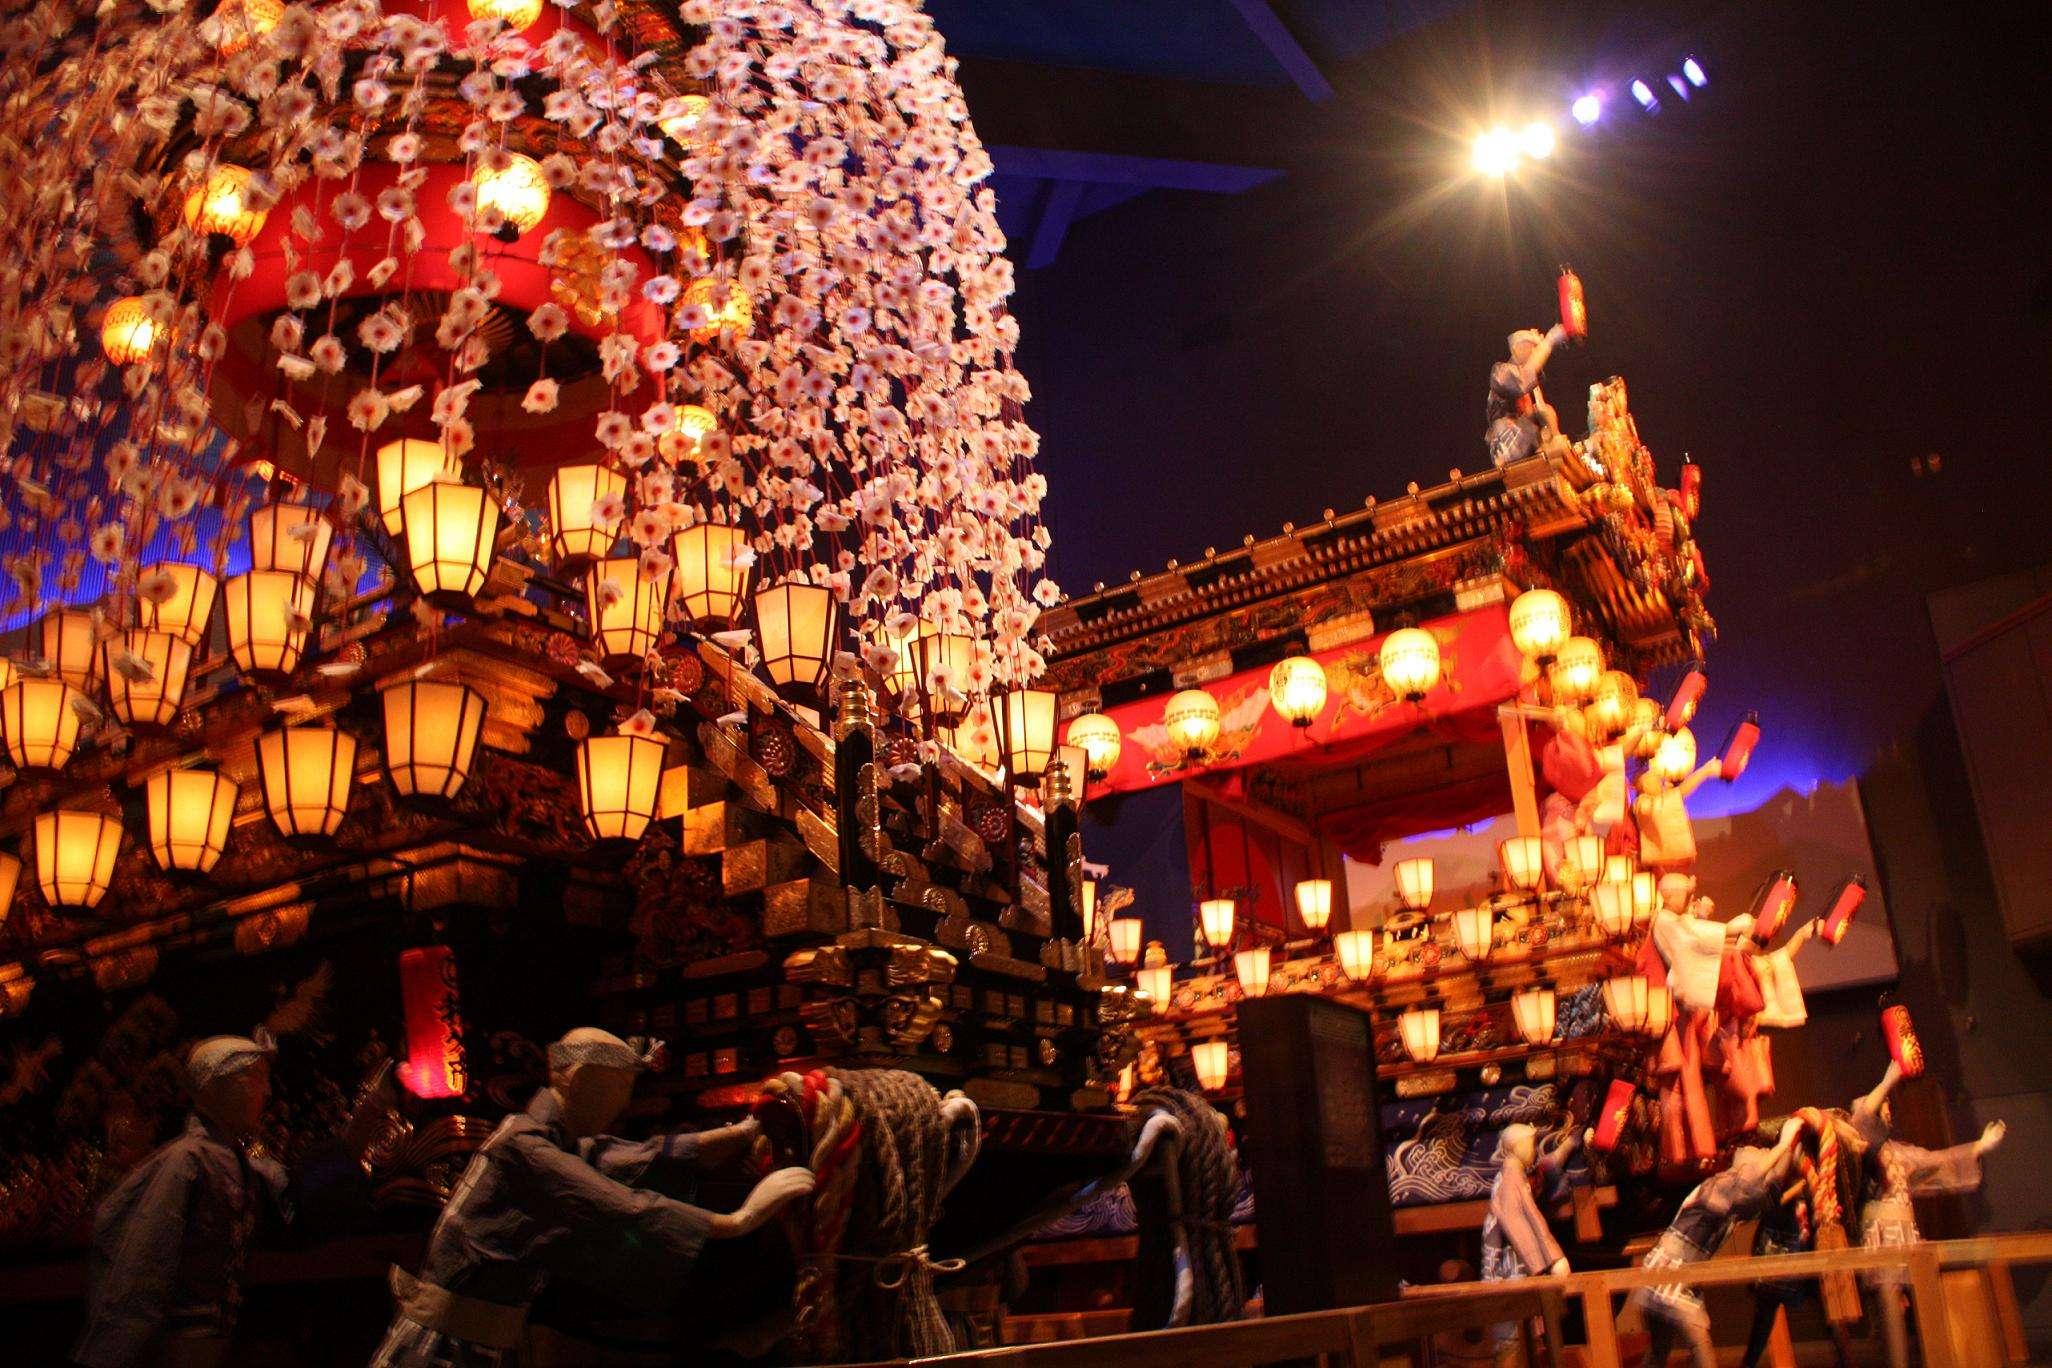 Lễ hội là sự hòa quyện của không gian đèn lồng rực rỡ đẹp đến nín thở và không khí lễ hội rất sôi động